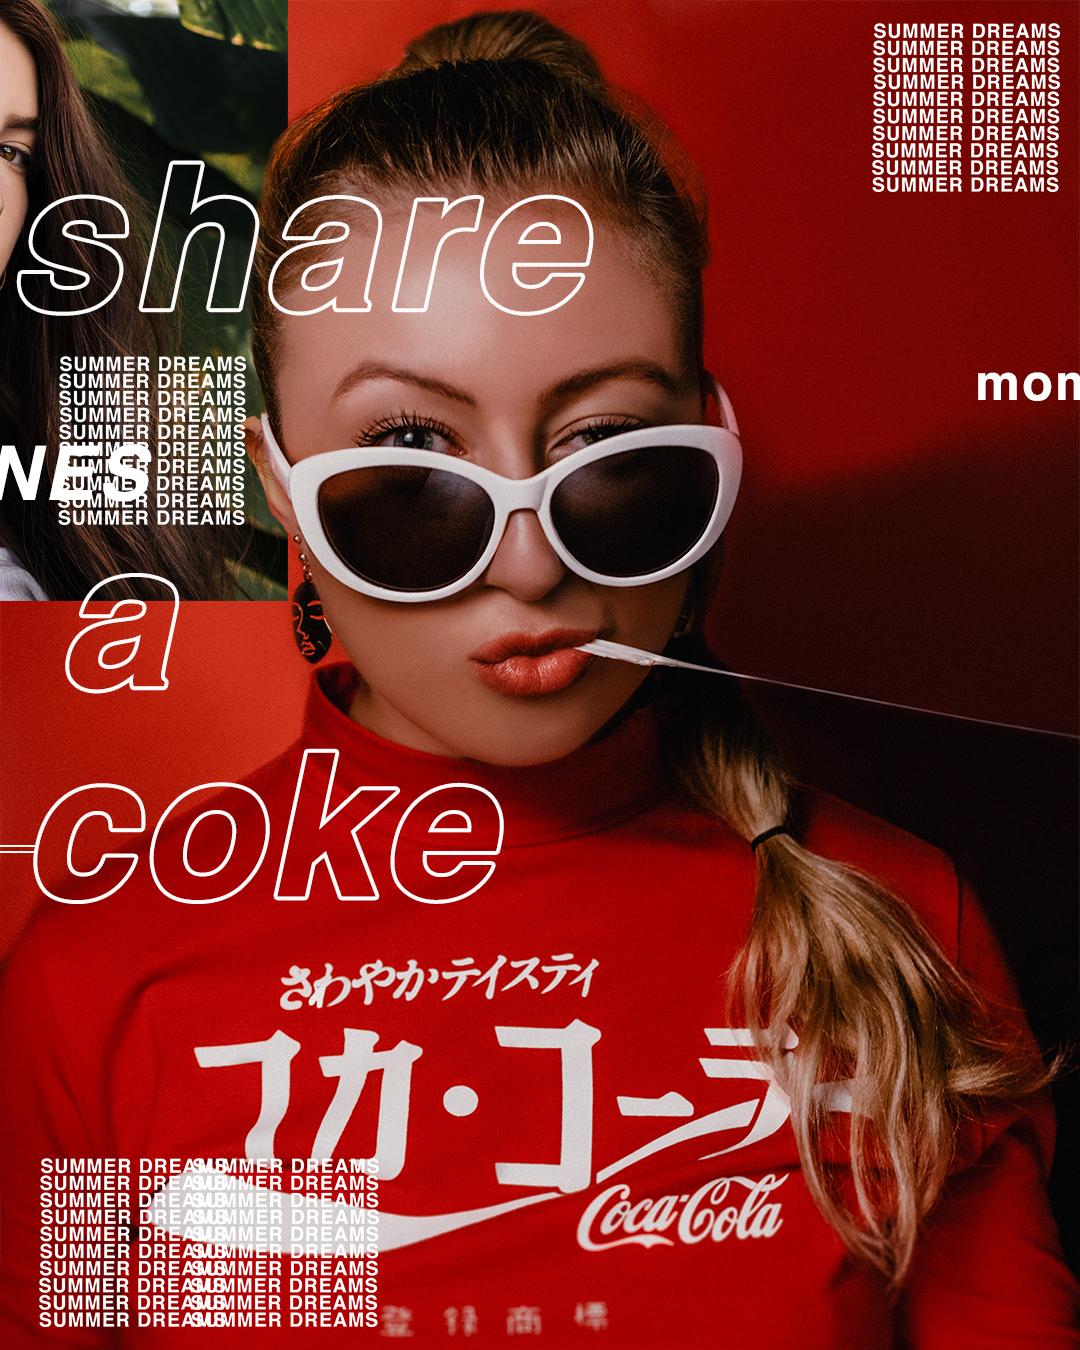 coke 2.1.jpg